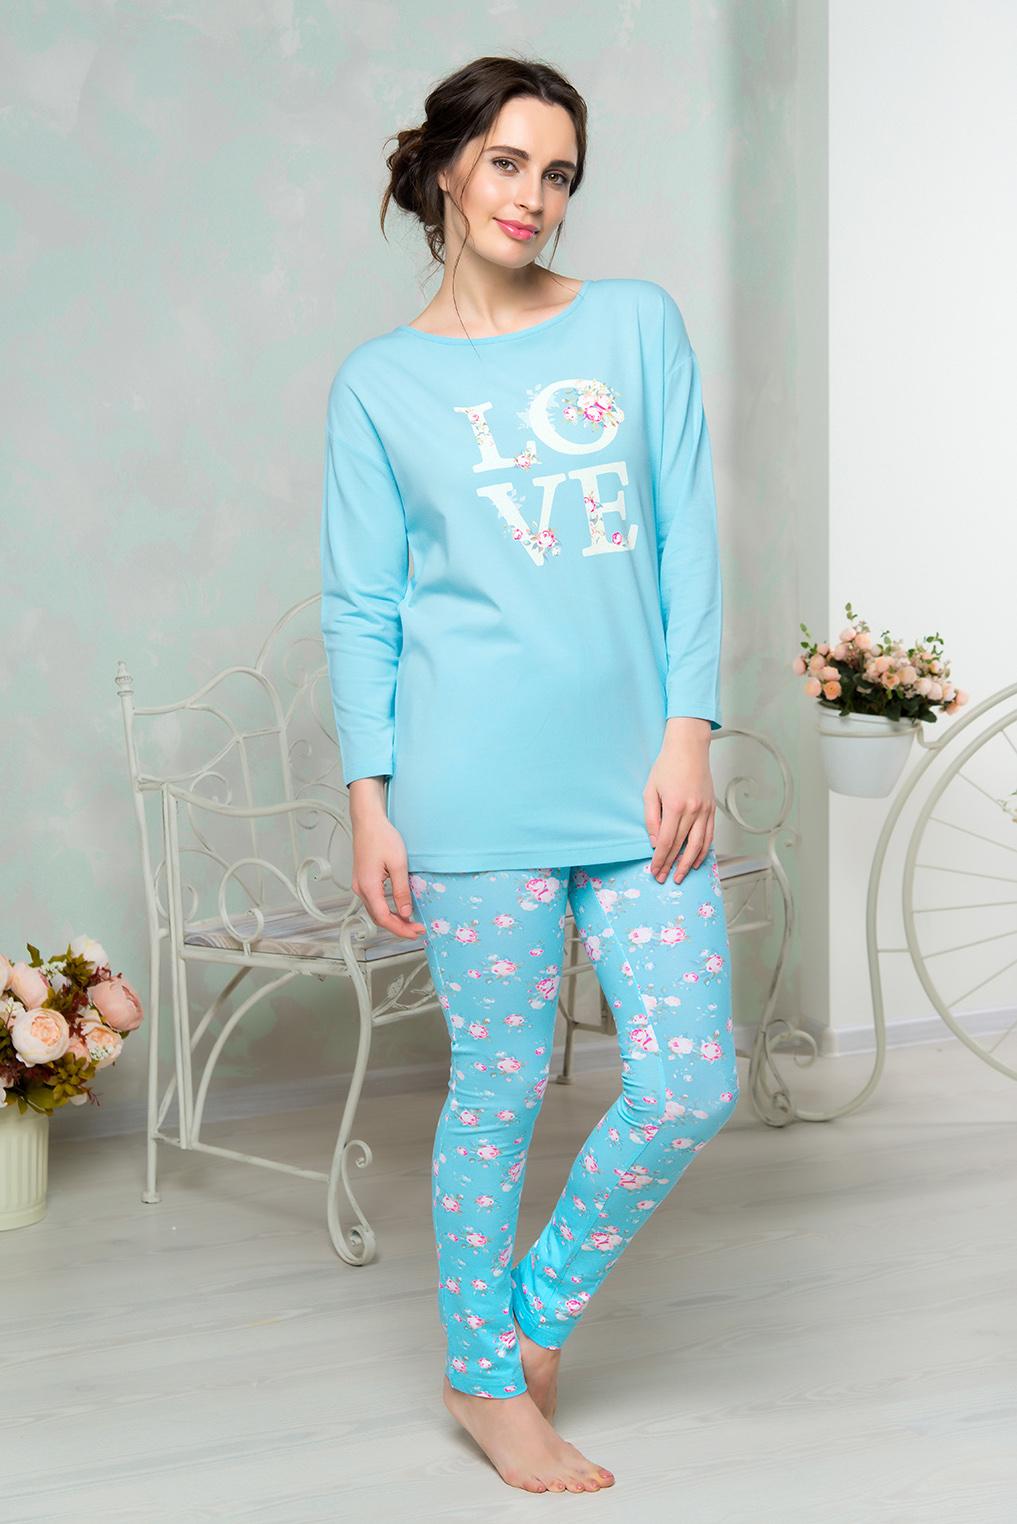 Комплект домашний женский Mia Cara: футболка, брюки, цвет: голубой. AW16-MCUZ-853. Размер 54/56AW16-MCUZ-853Комплект домашний одежды Mia Cara состоит из футболки с длинными рукавами и брюк. Модель выполнена из высококачественного хлопка с добавлением эластана. Футболка с круглой горловиной дополнена на спинке вырезом и завязками. Брюки оформлены цветочным принтом.